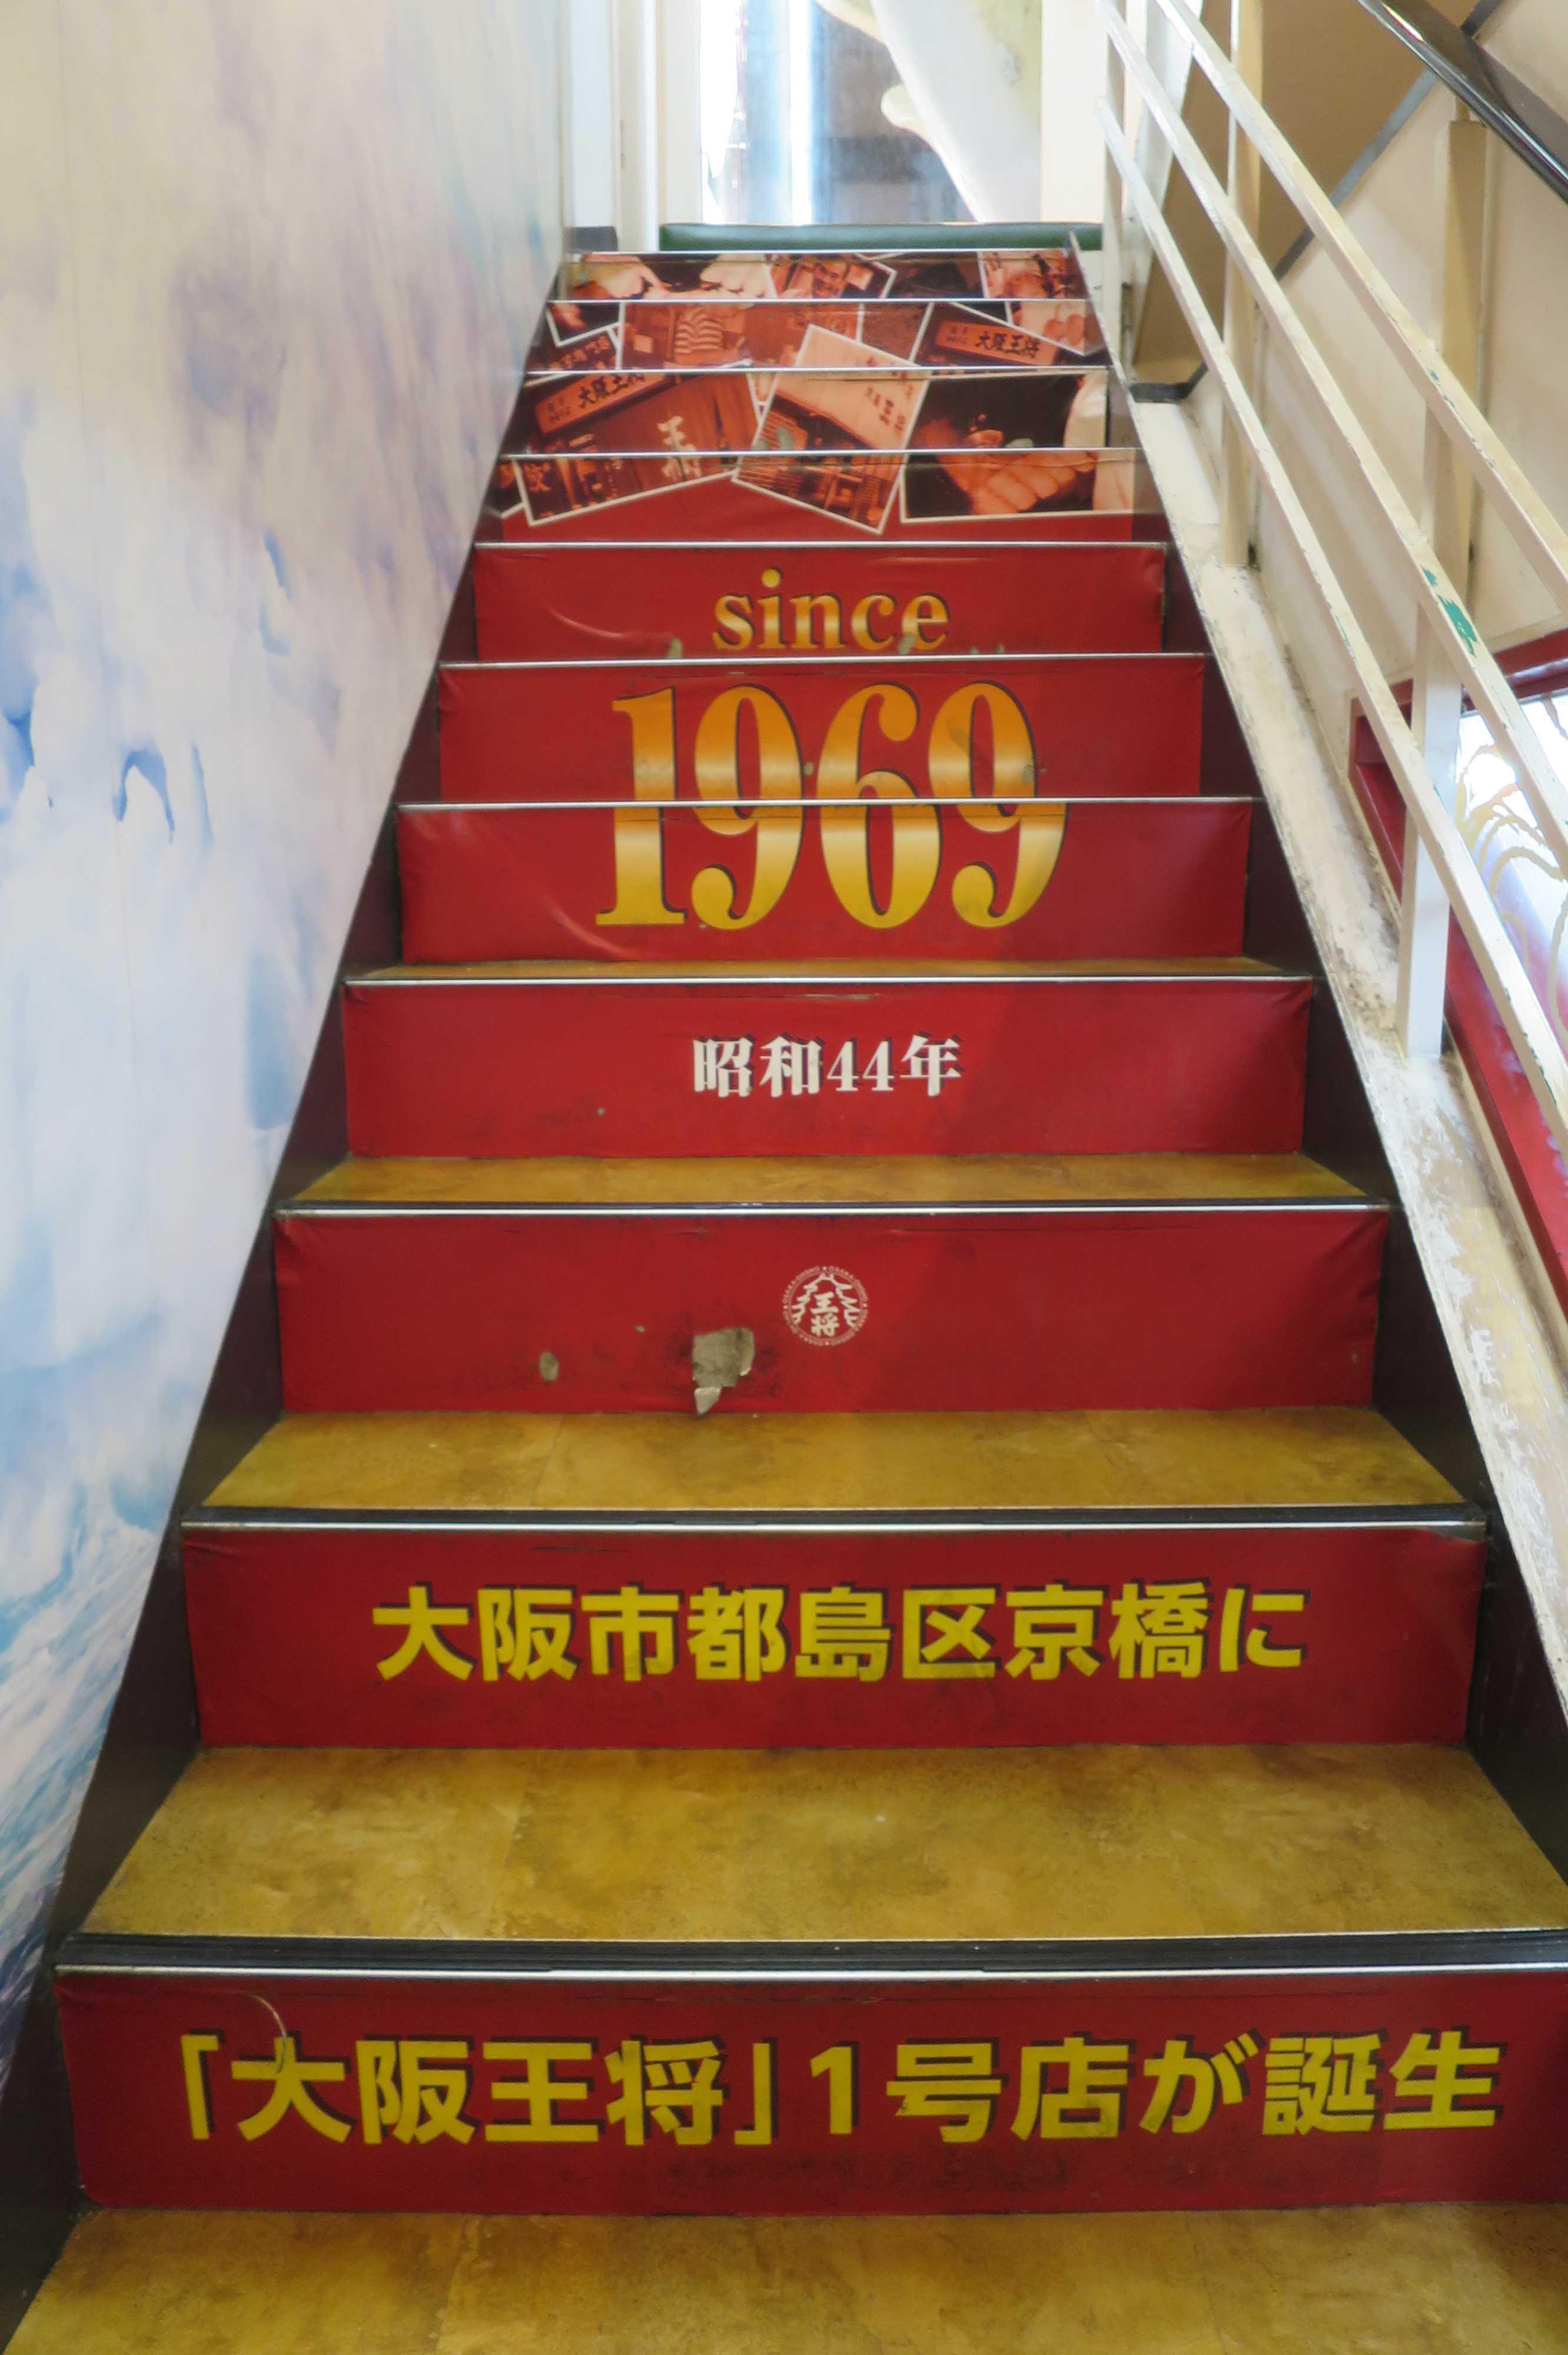 昭和44年(1969年) 大阪市都島区京橋に「大阪王将」1号店が誕生